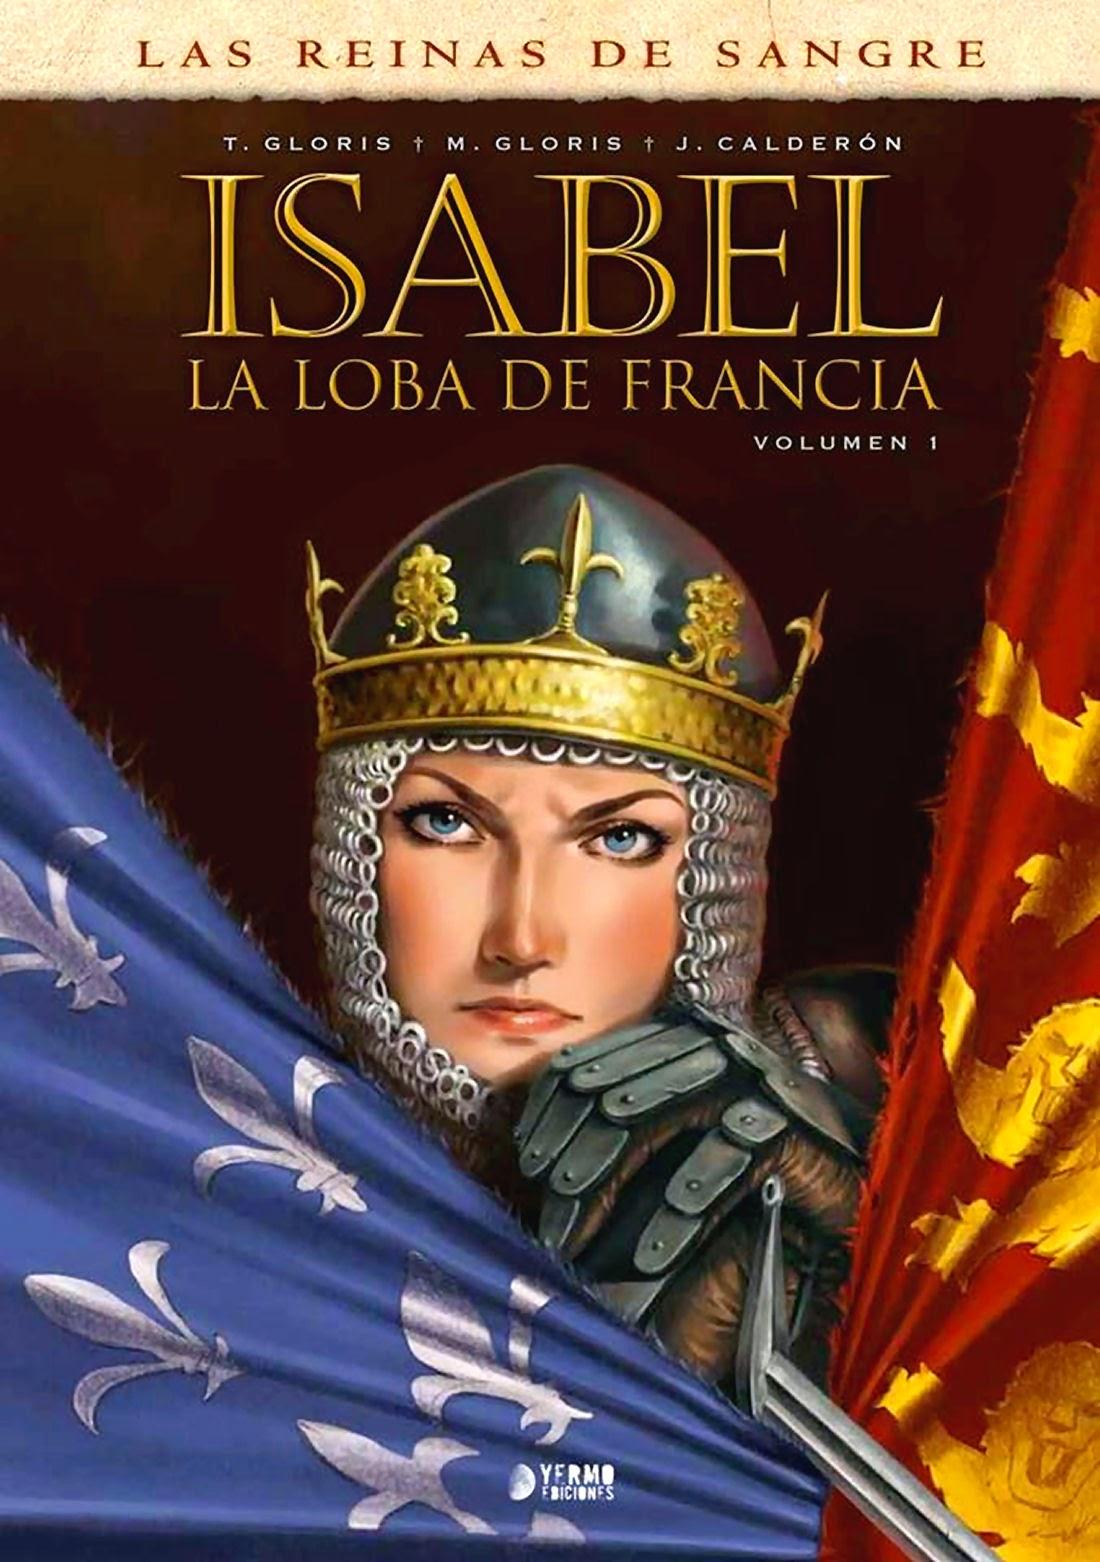 Una de comics históricos: Isabel, la Loba de Francia – Tras las huellas de Heródoto